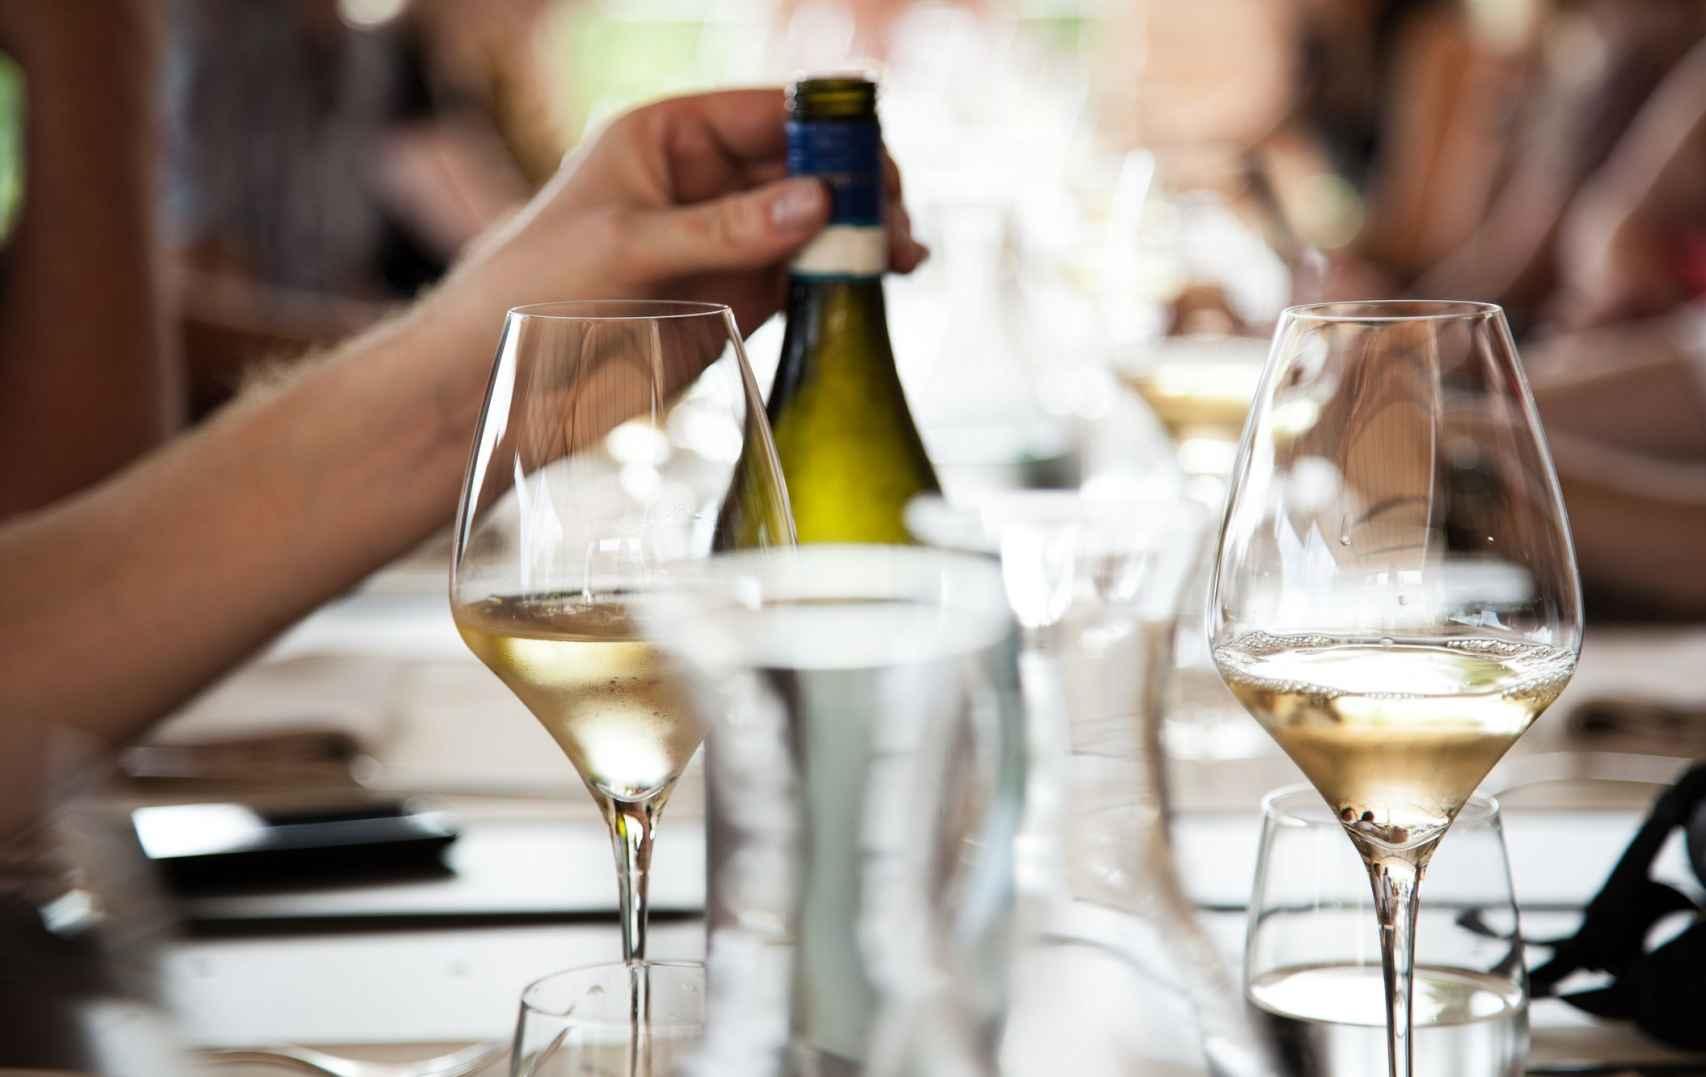 El vino blanco tiene beneficios para la salud.